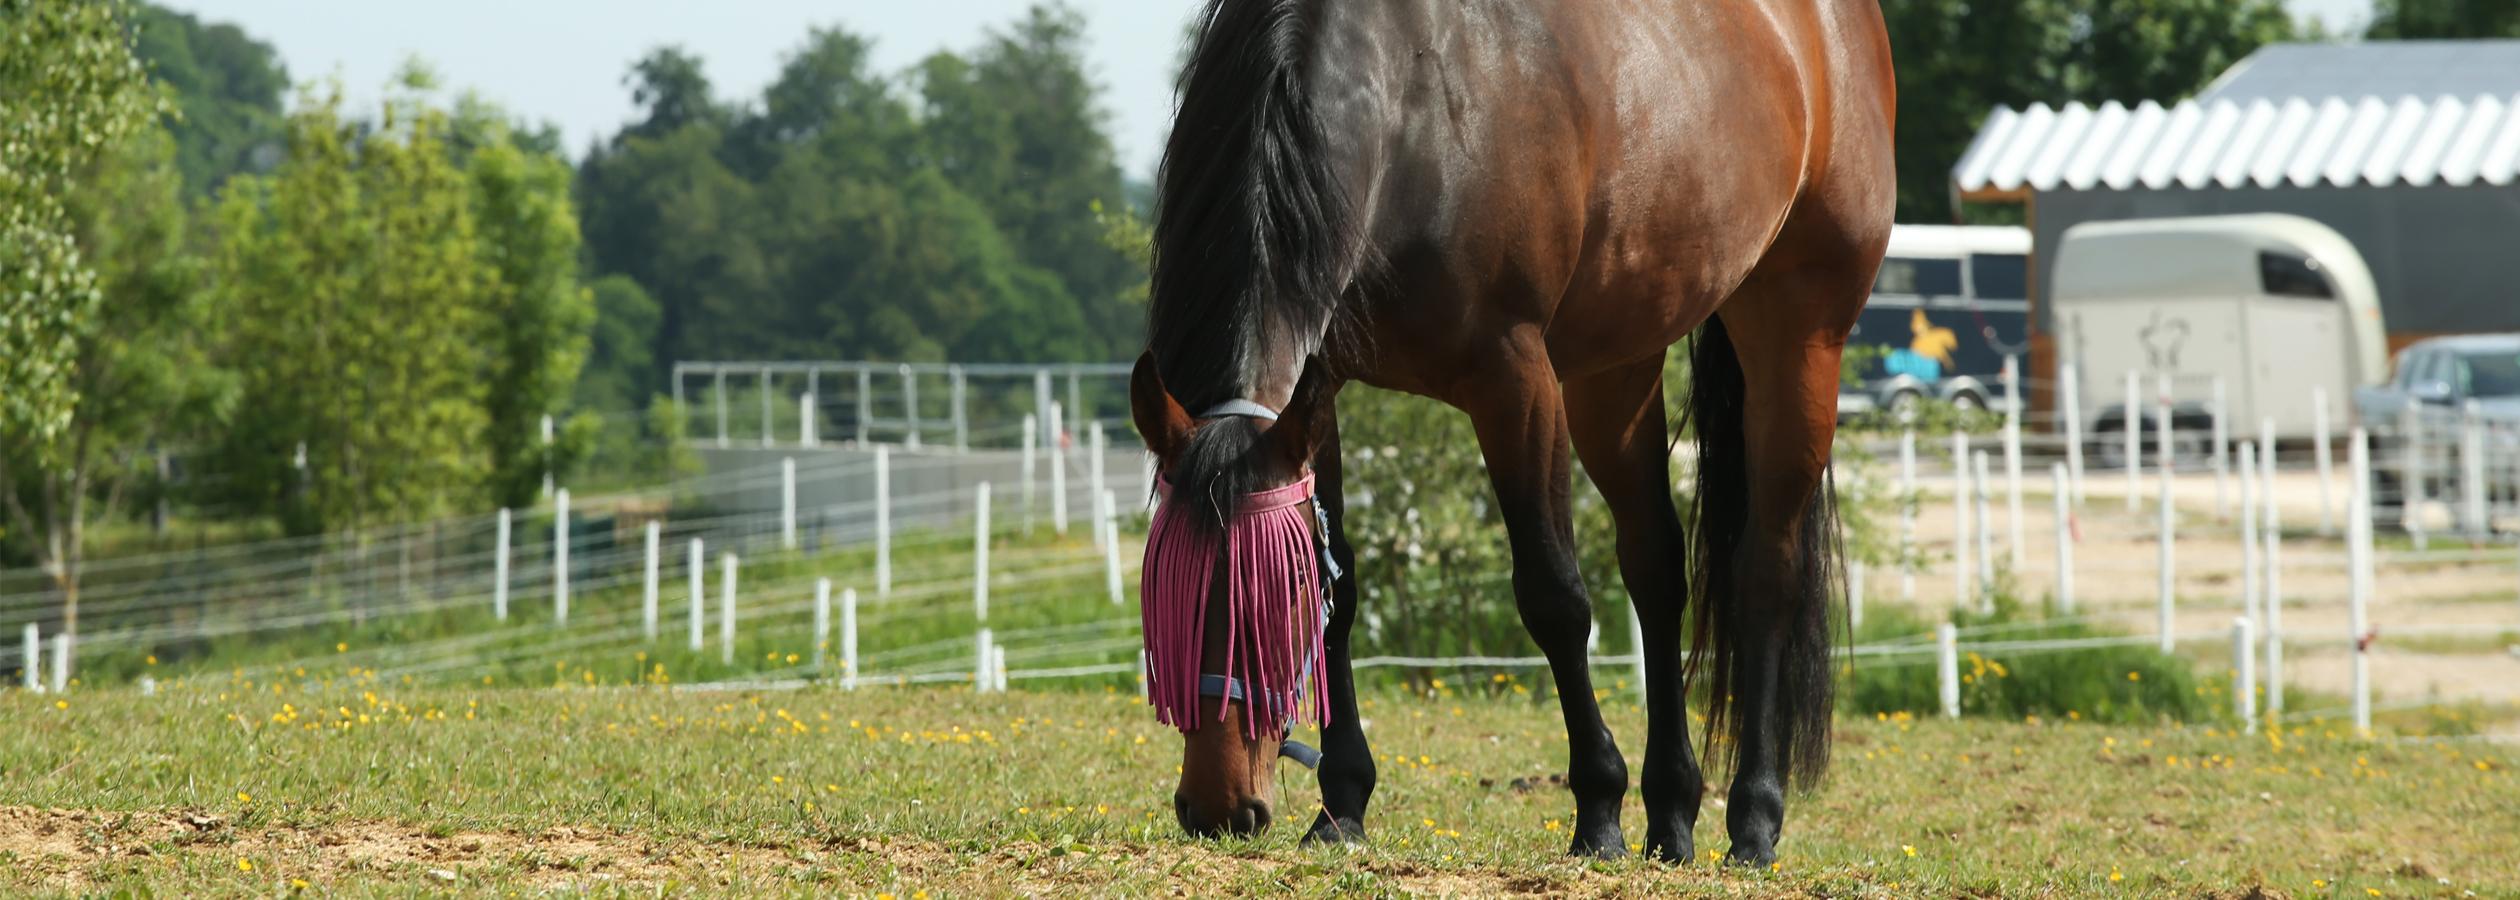 Header_HorseAcademy_Anlage-12